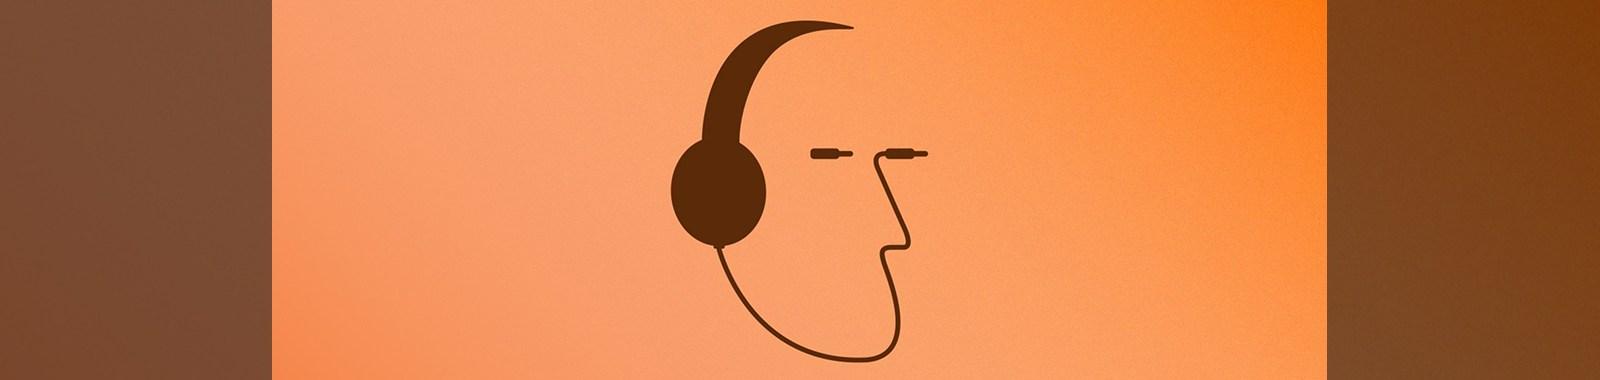 headphones-eye